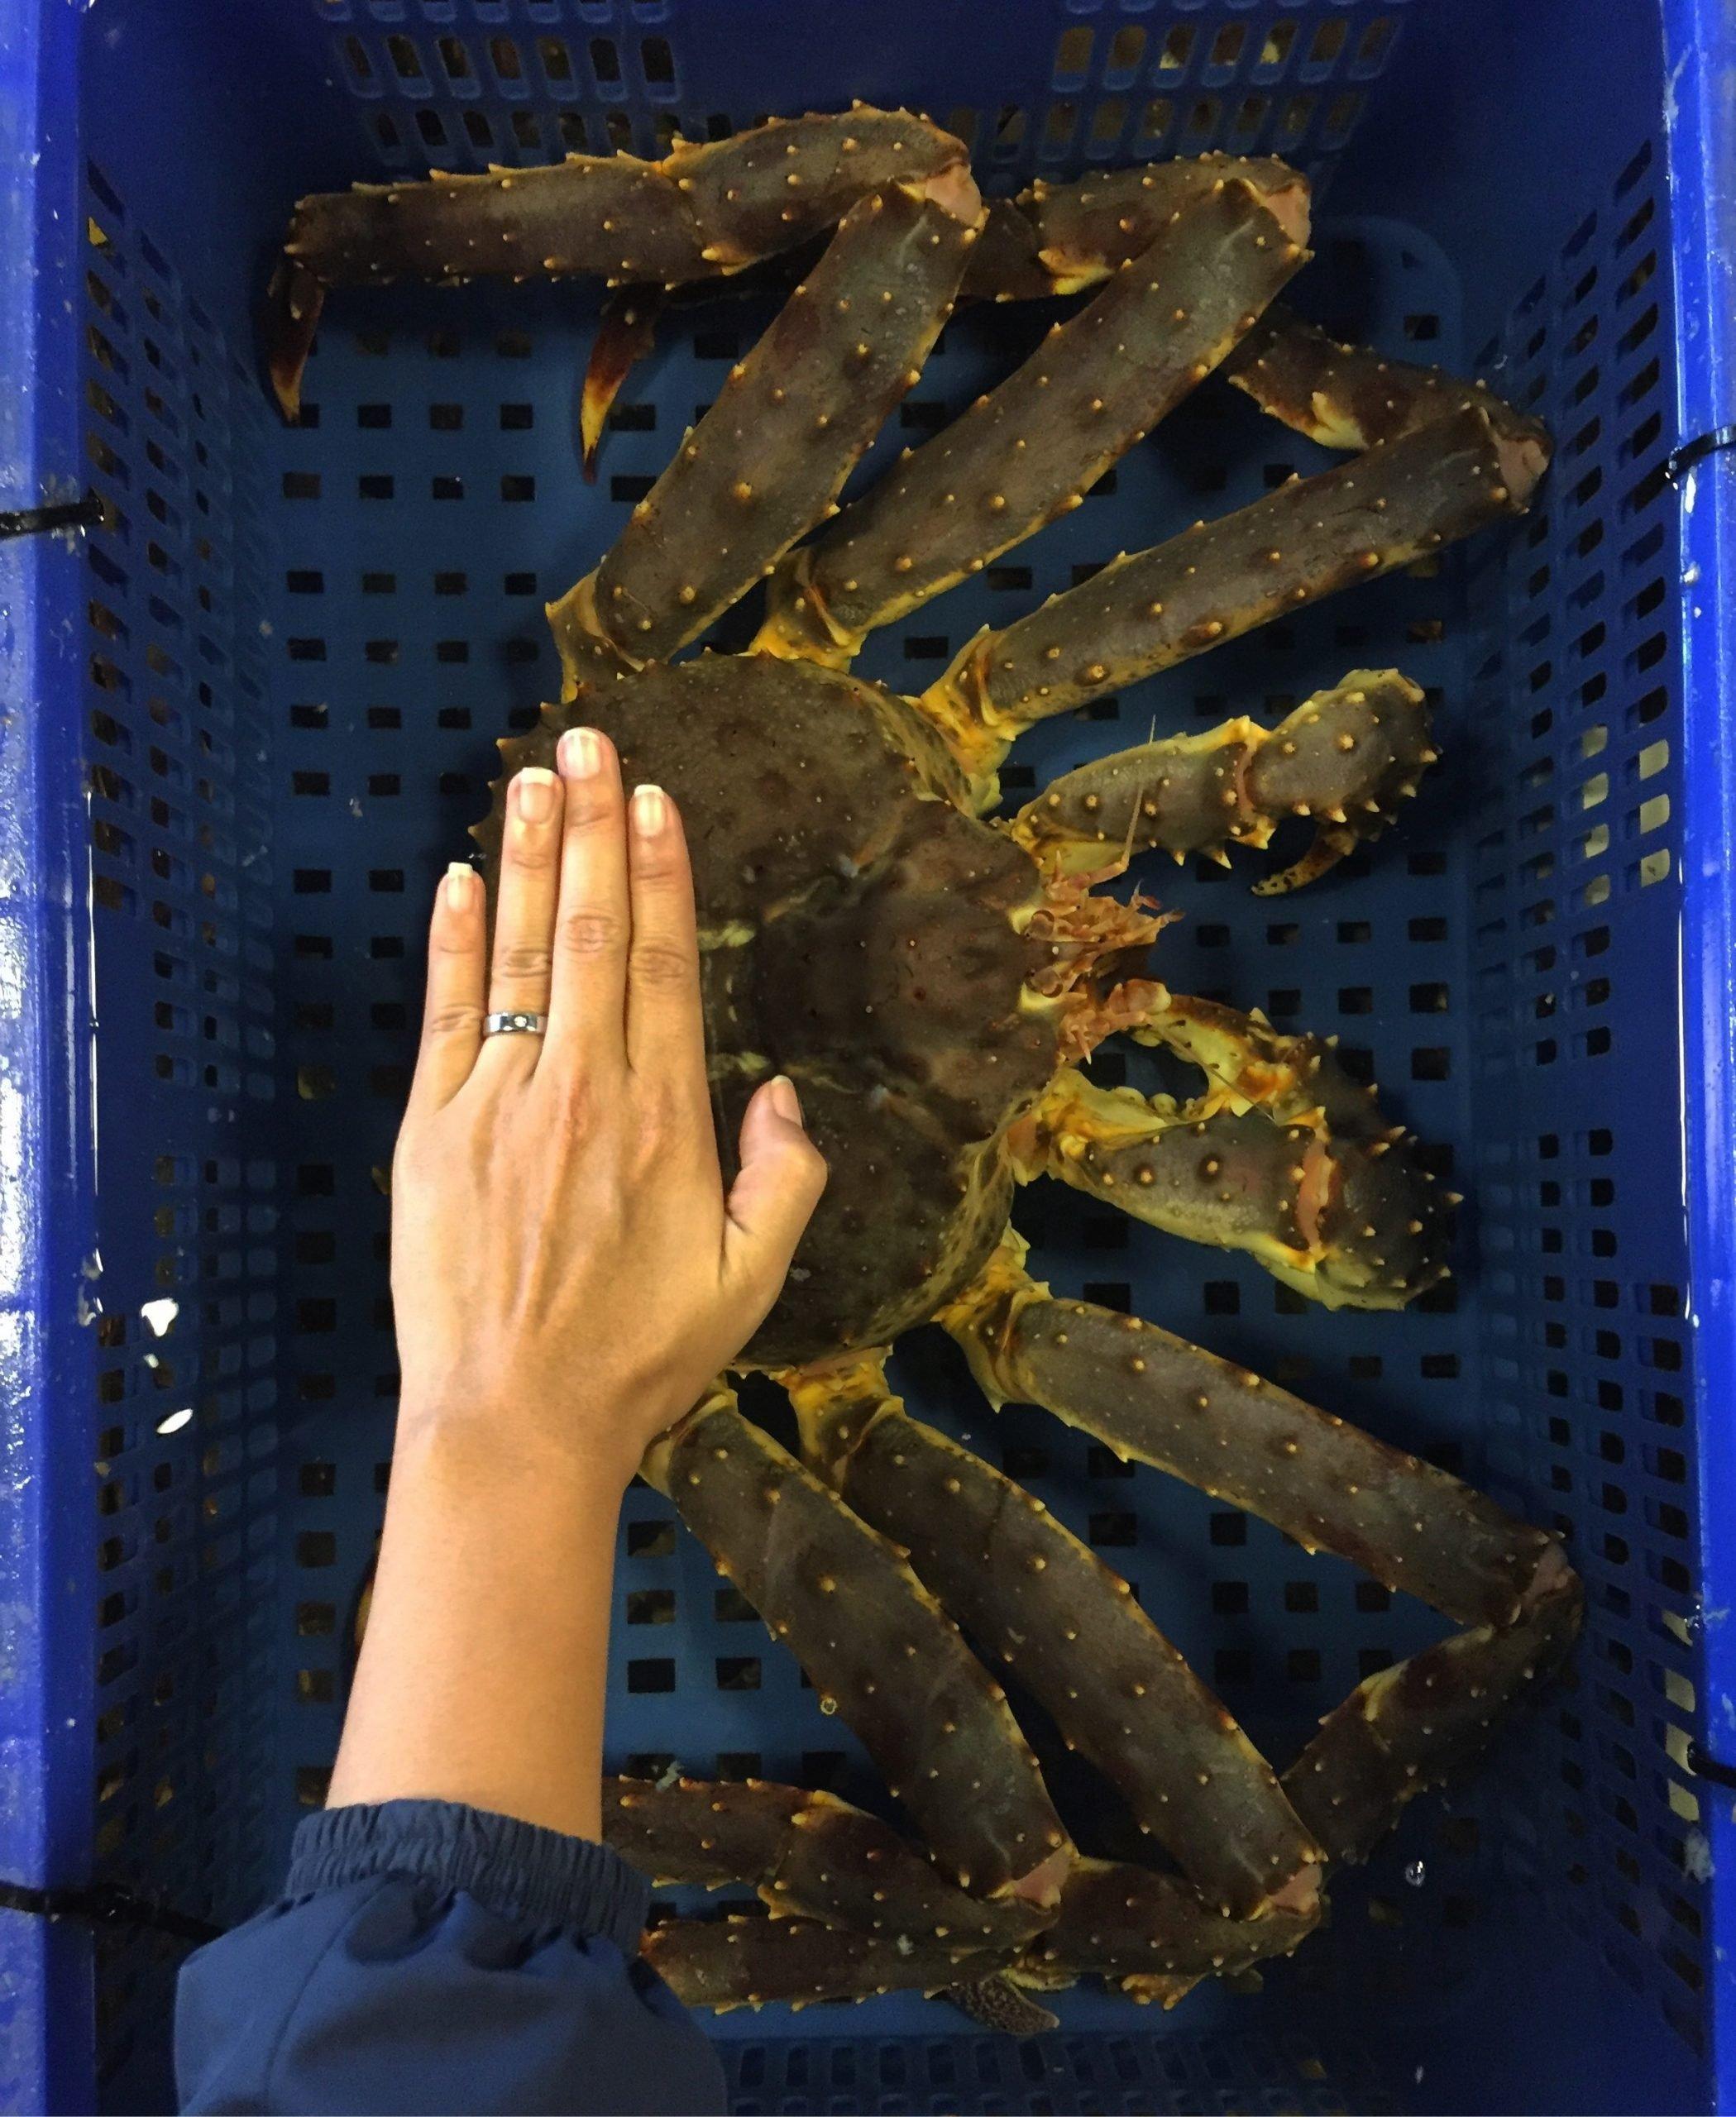 king crab size